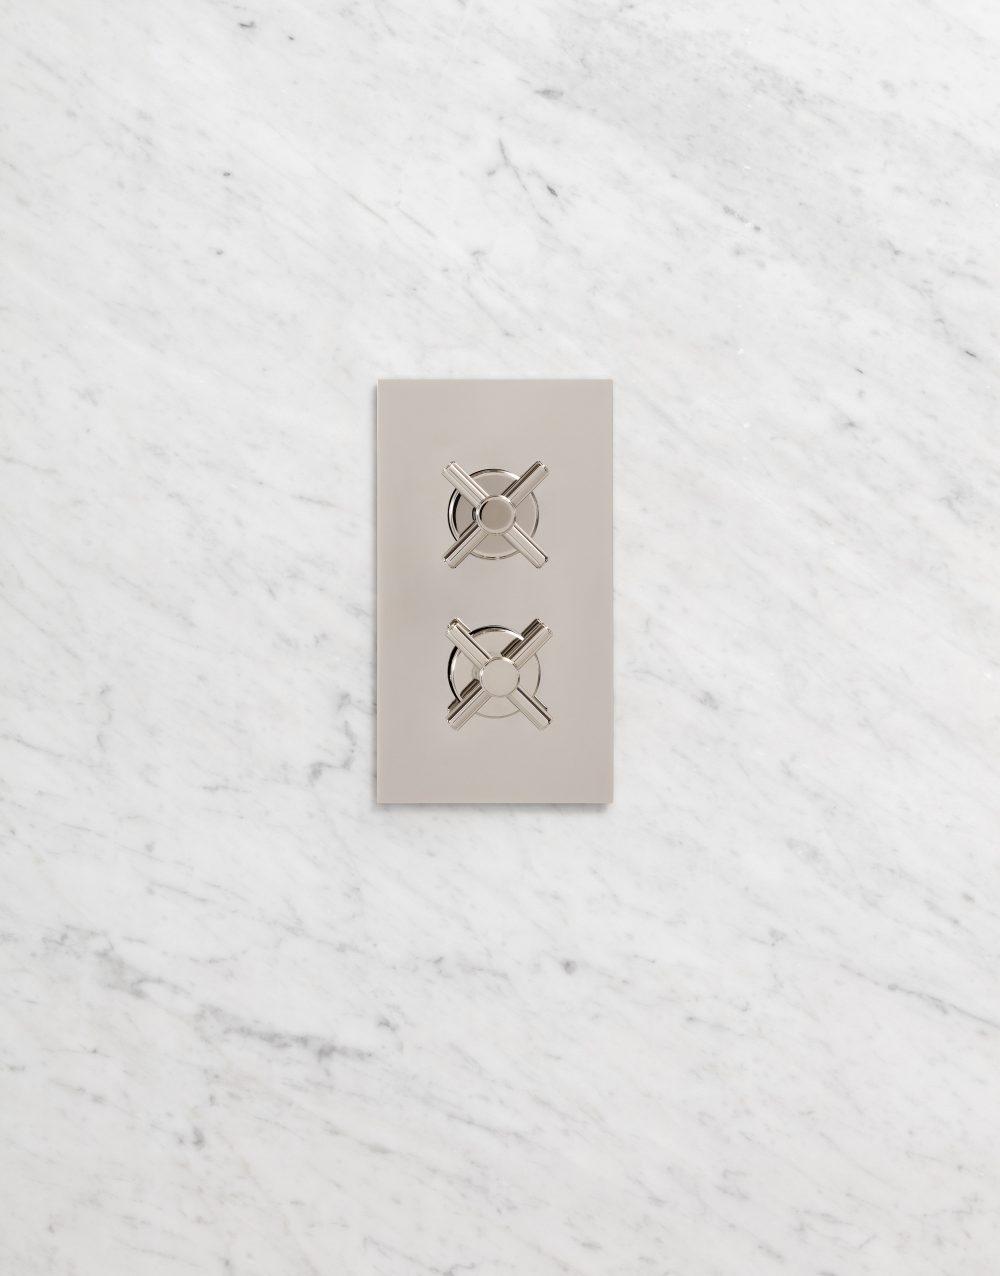 Pelham Shower Single Outlet